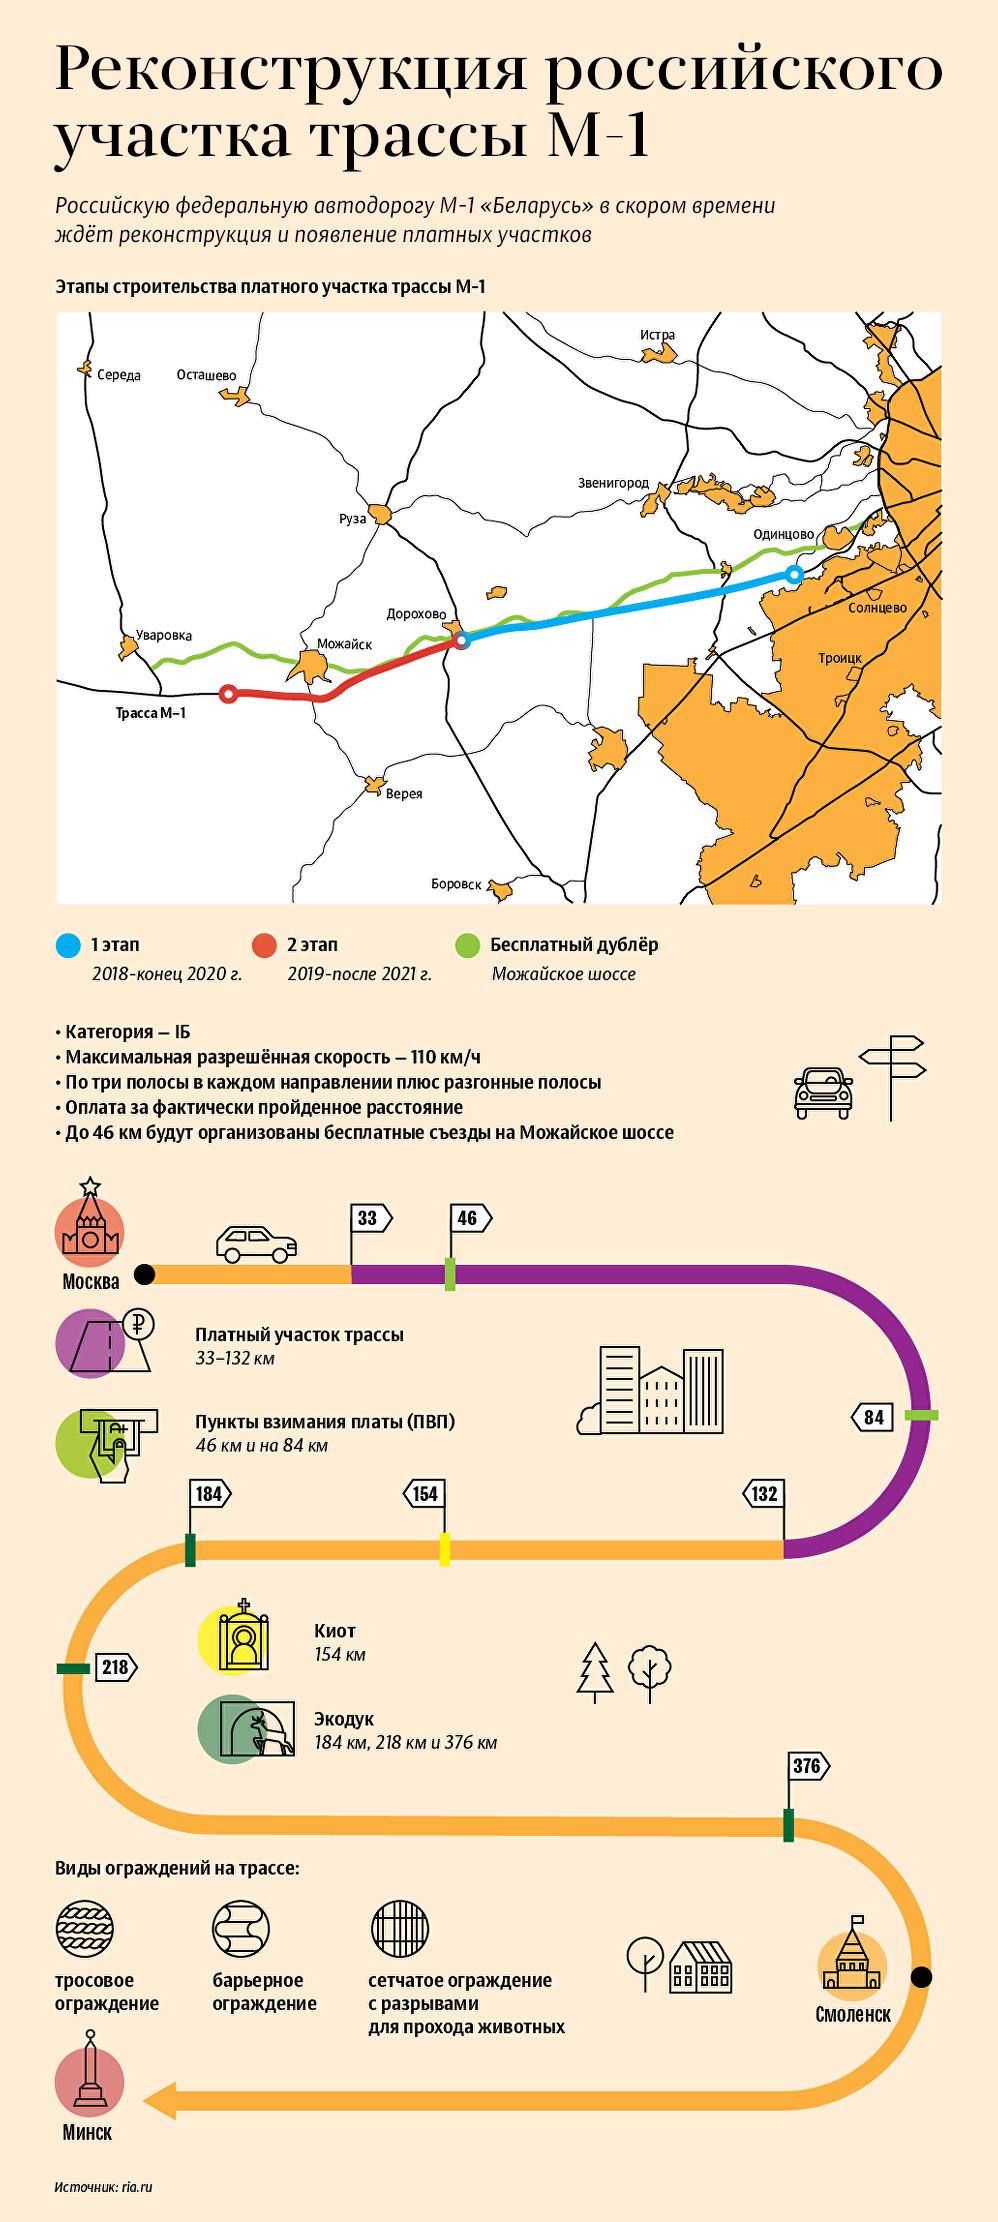 Реконструкция российского участка трассы М-1 - инфографика на sputnik.by